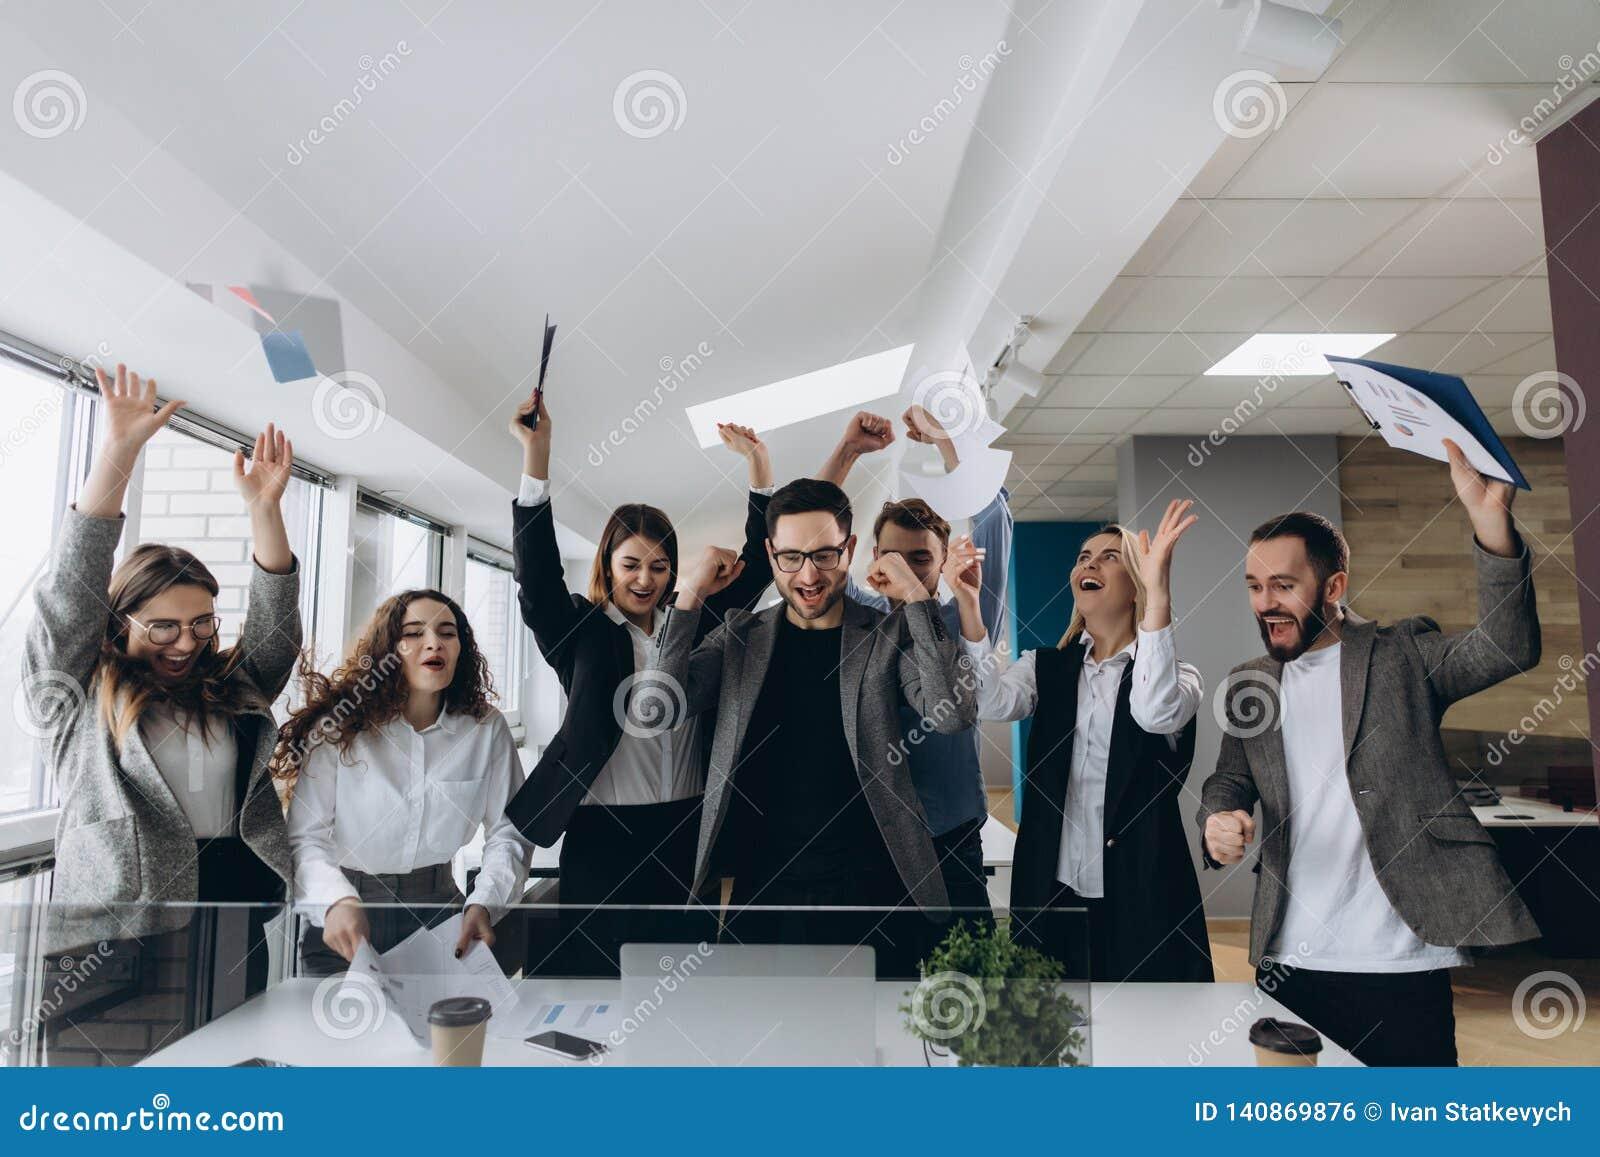 Ευτυχής νίκη εορτασμού ομάδων επιτυχίας και επιχειρήσεων έννοιας νίκης στην αρχή